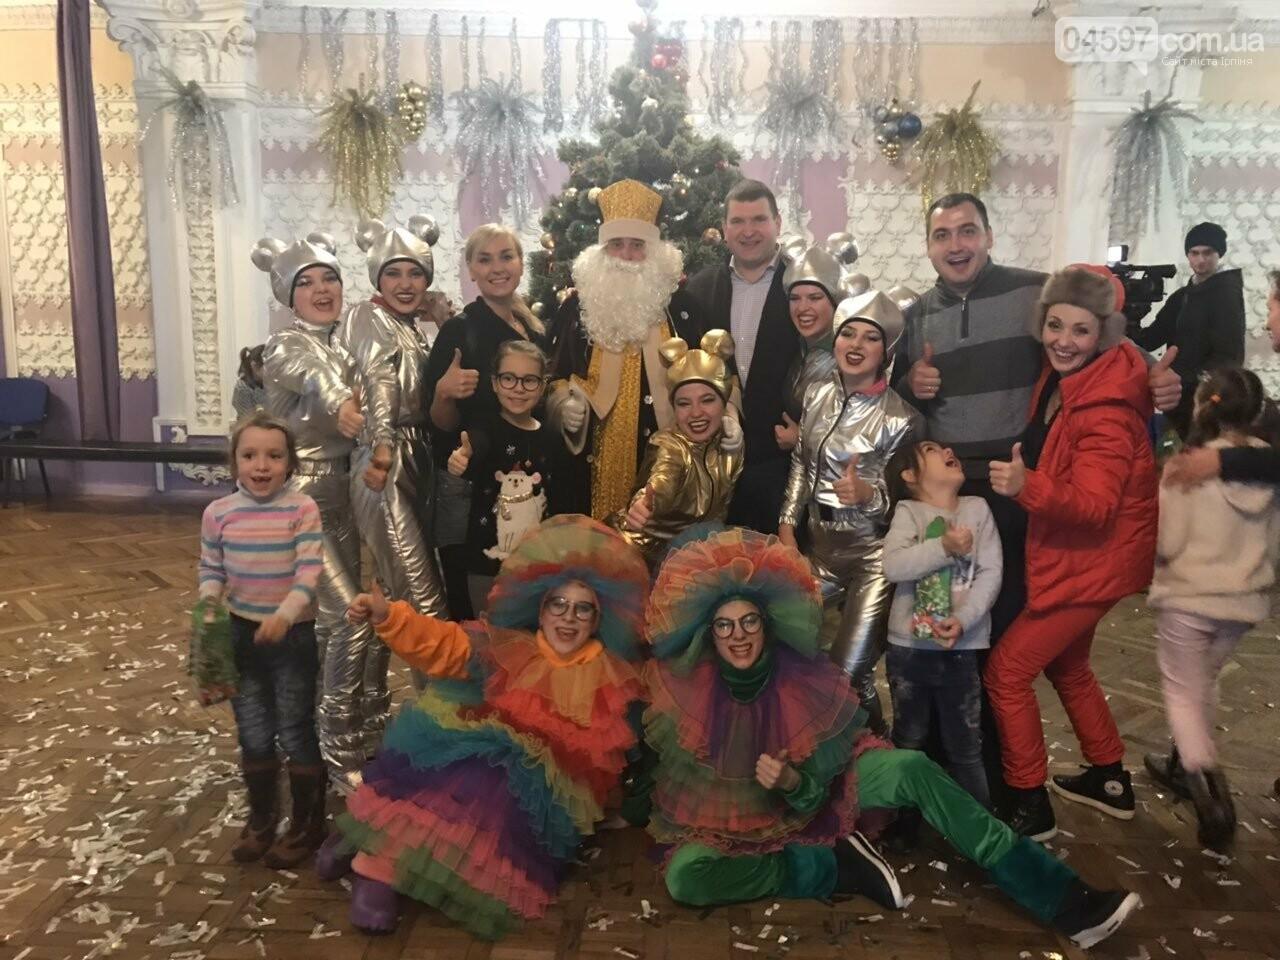 У Центральному будинку культури відсвяткували День Святого Миколая, фото-4